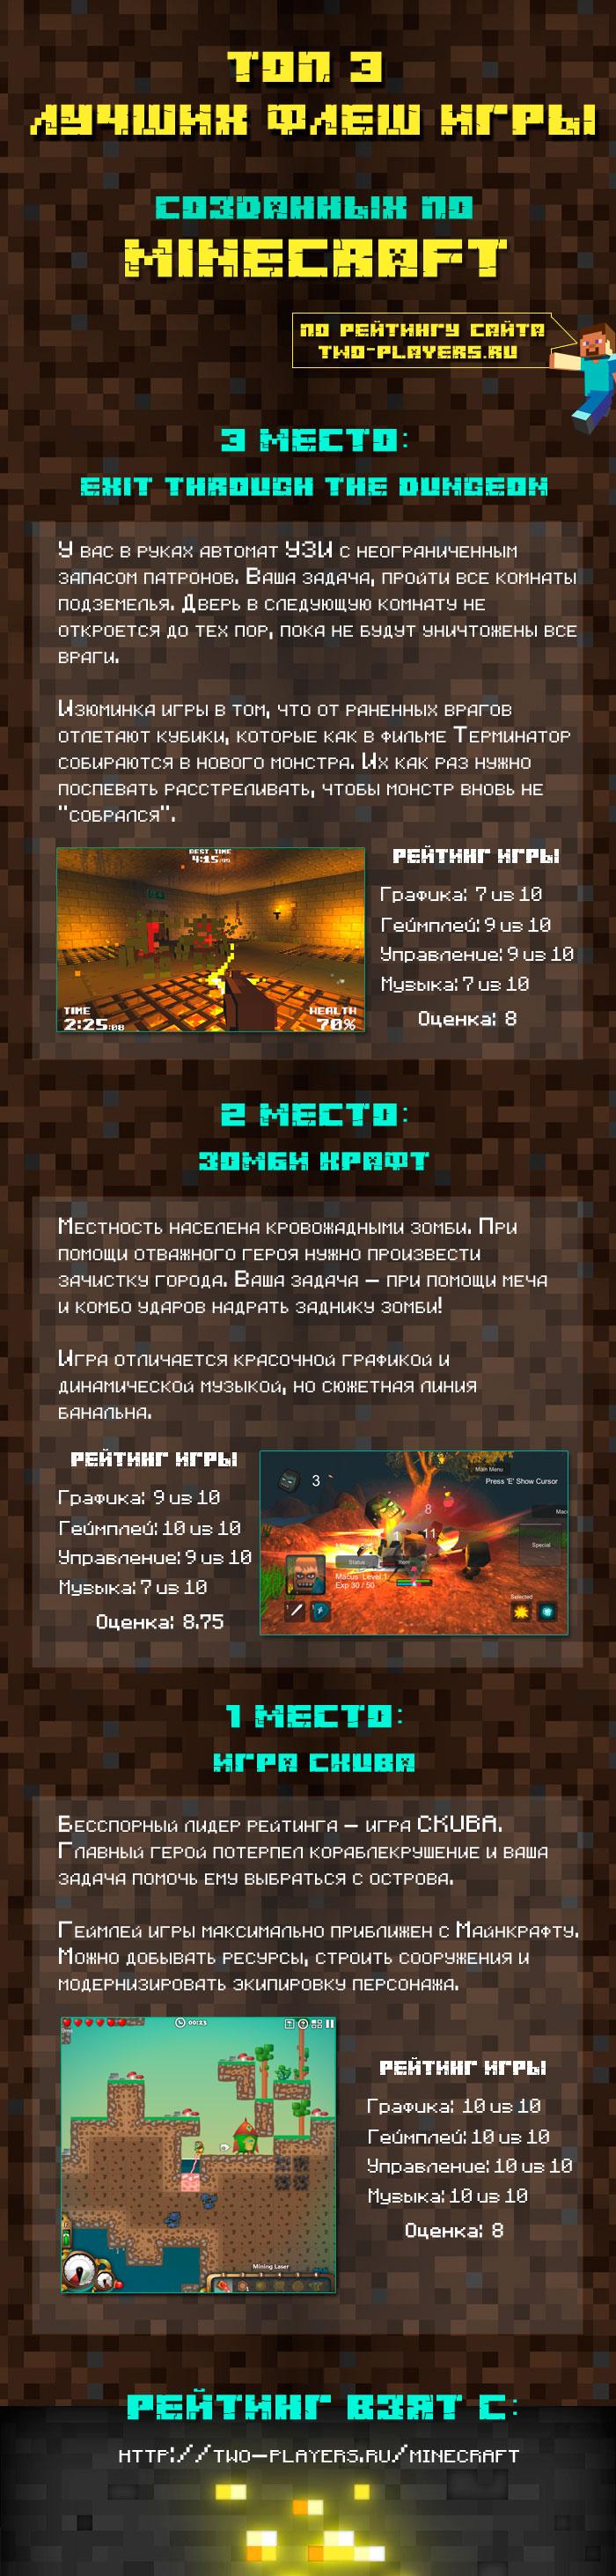 Инфографика лучших флеш игр Майнкрафт